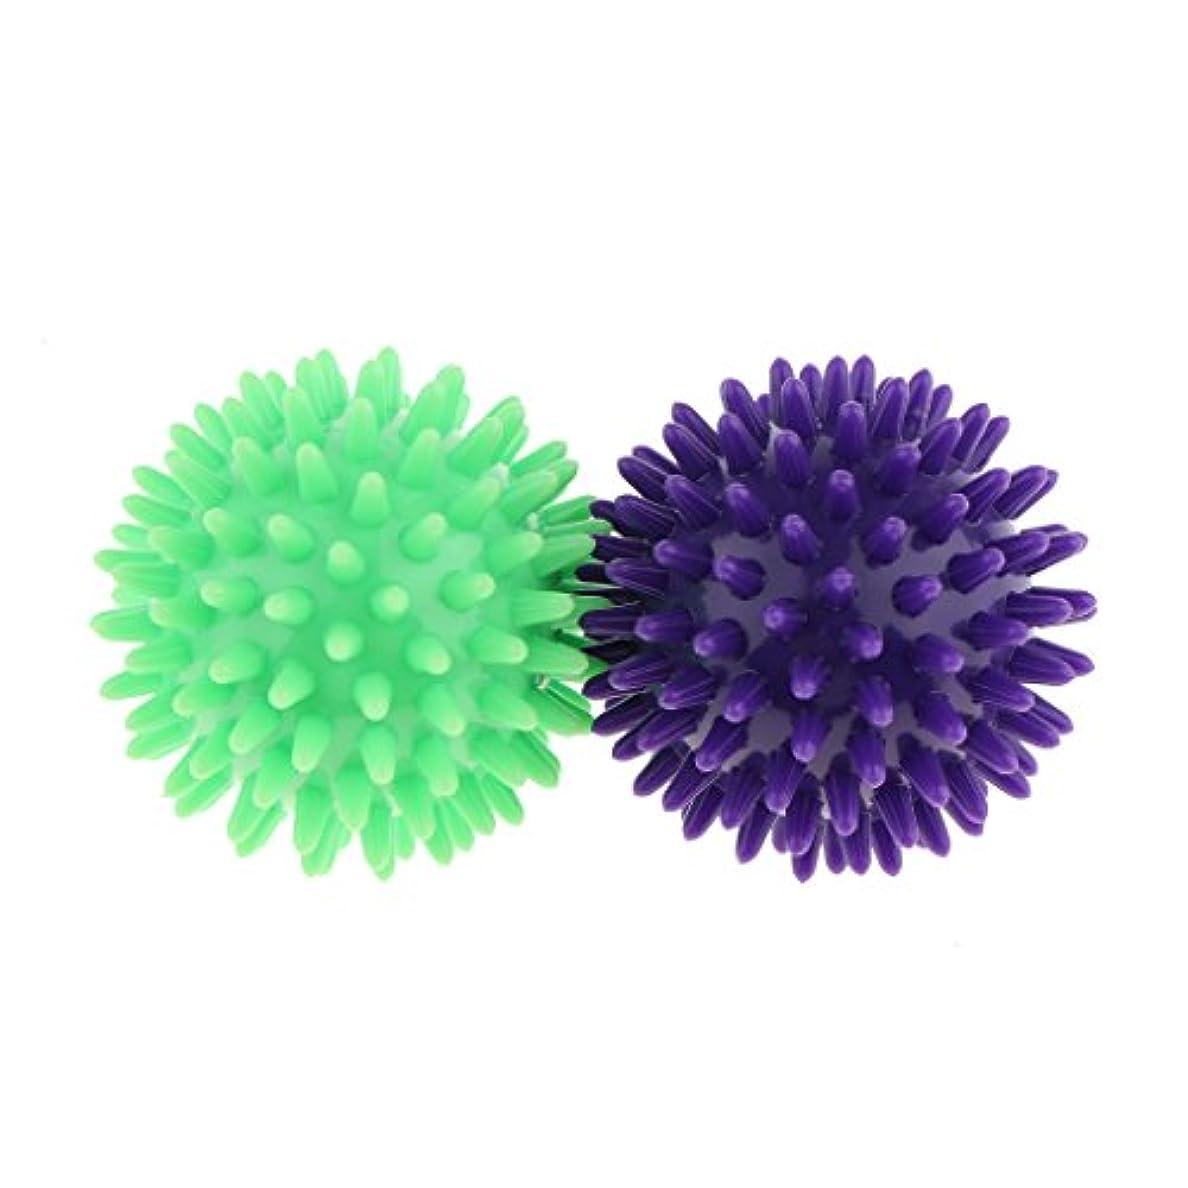 神秘的なスチュアート島ジェームズダイソンKesoto マッサージボール スパイシー マッサージ ボール ボディトリガー ポイント 2個セット 3タイプ選べ - 紫ライトグリーン